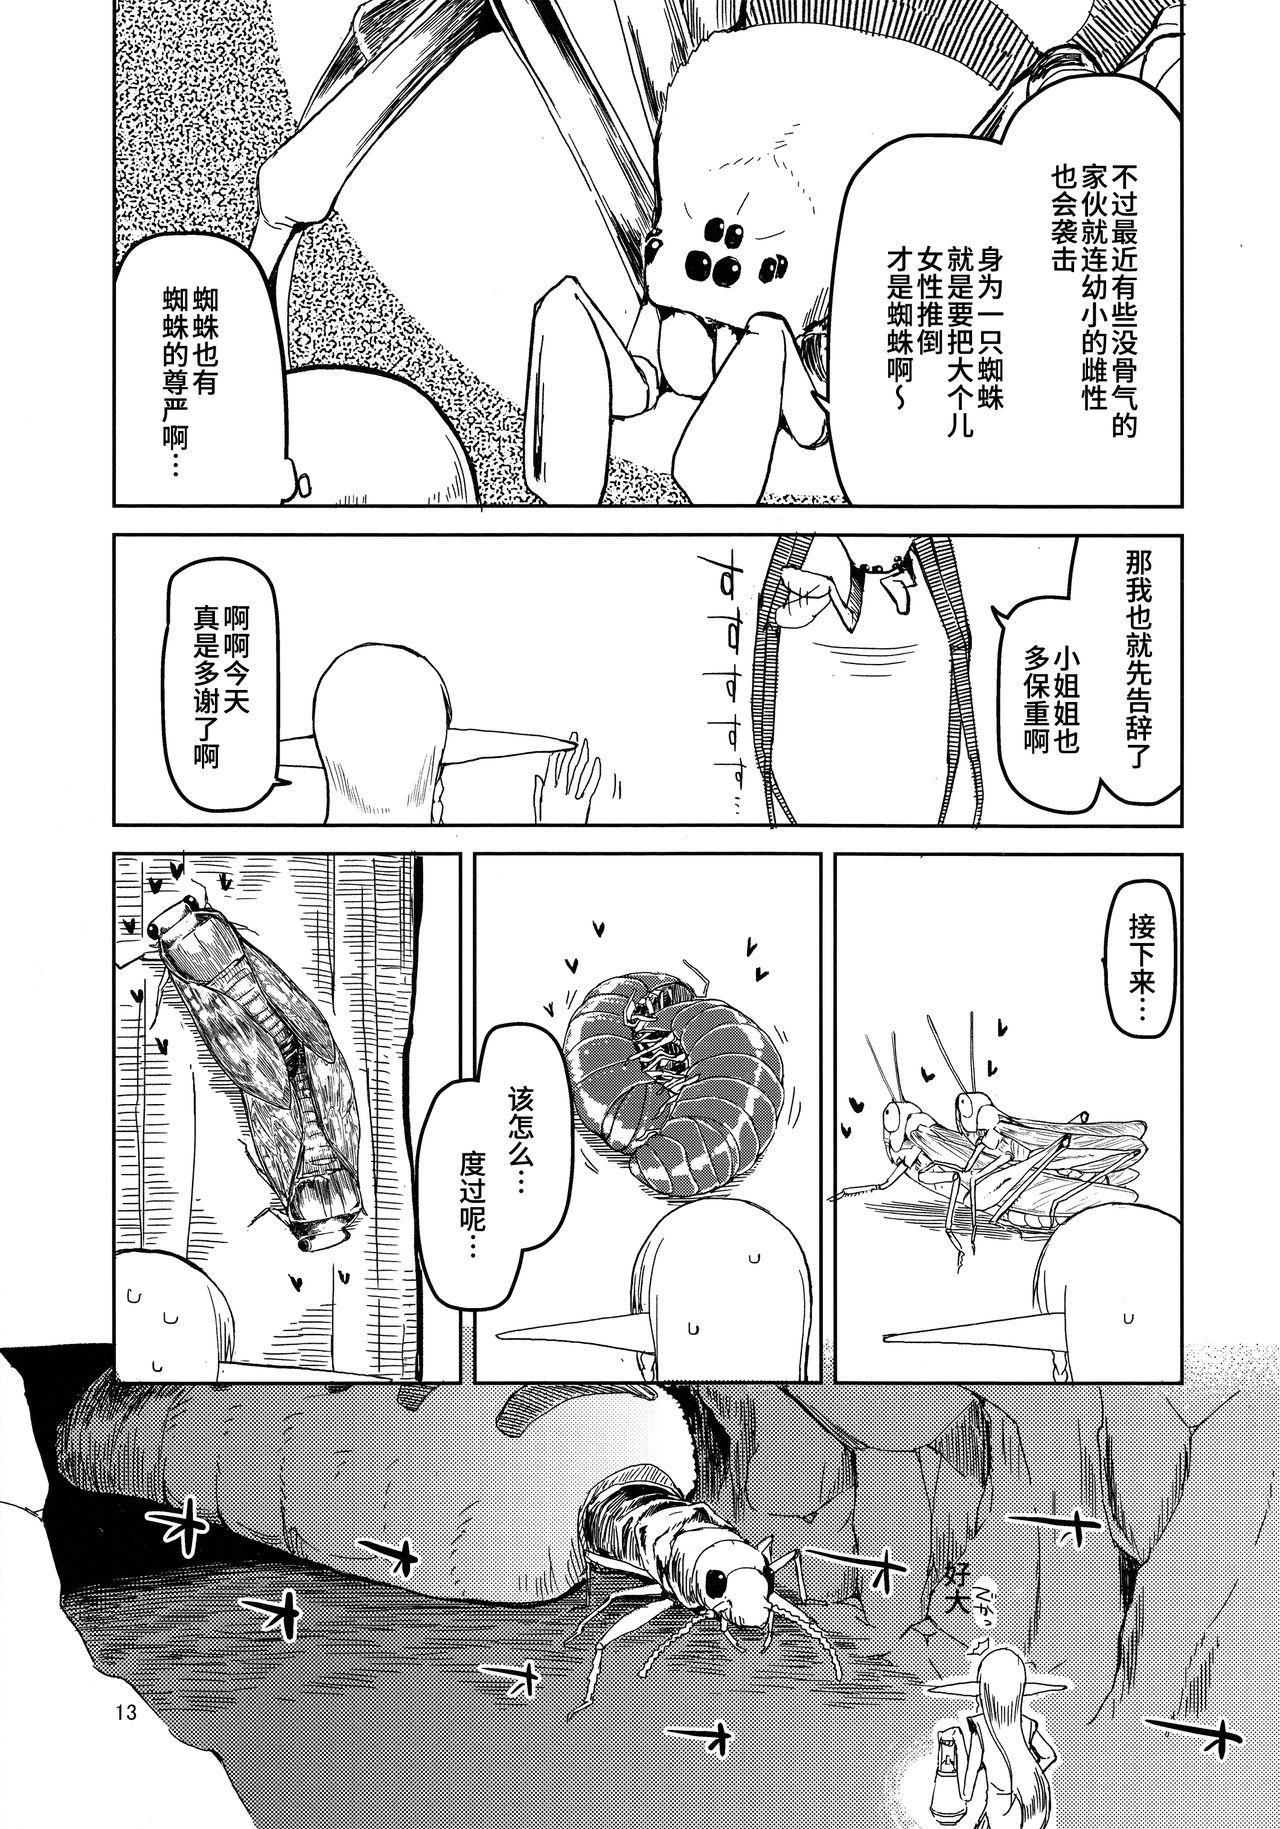 Dosukebe Elf no Ishukan Nikki 5 13